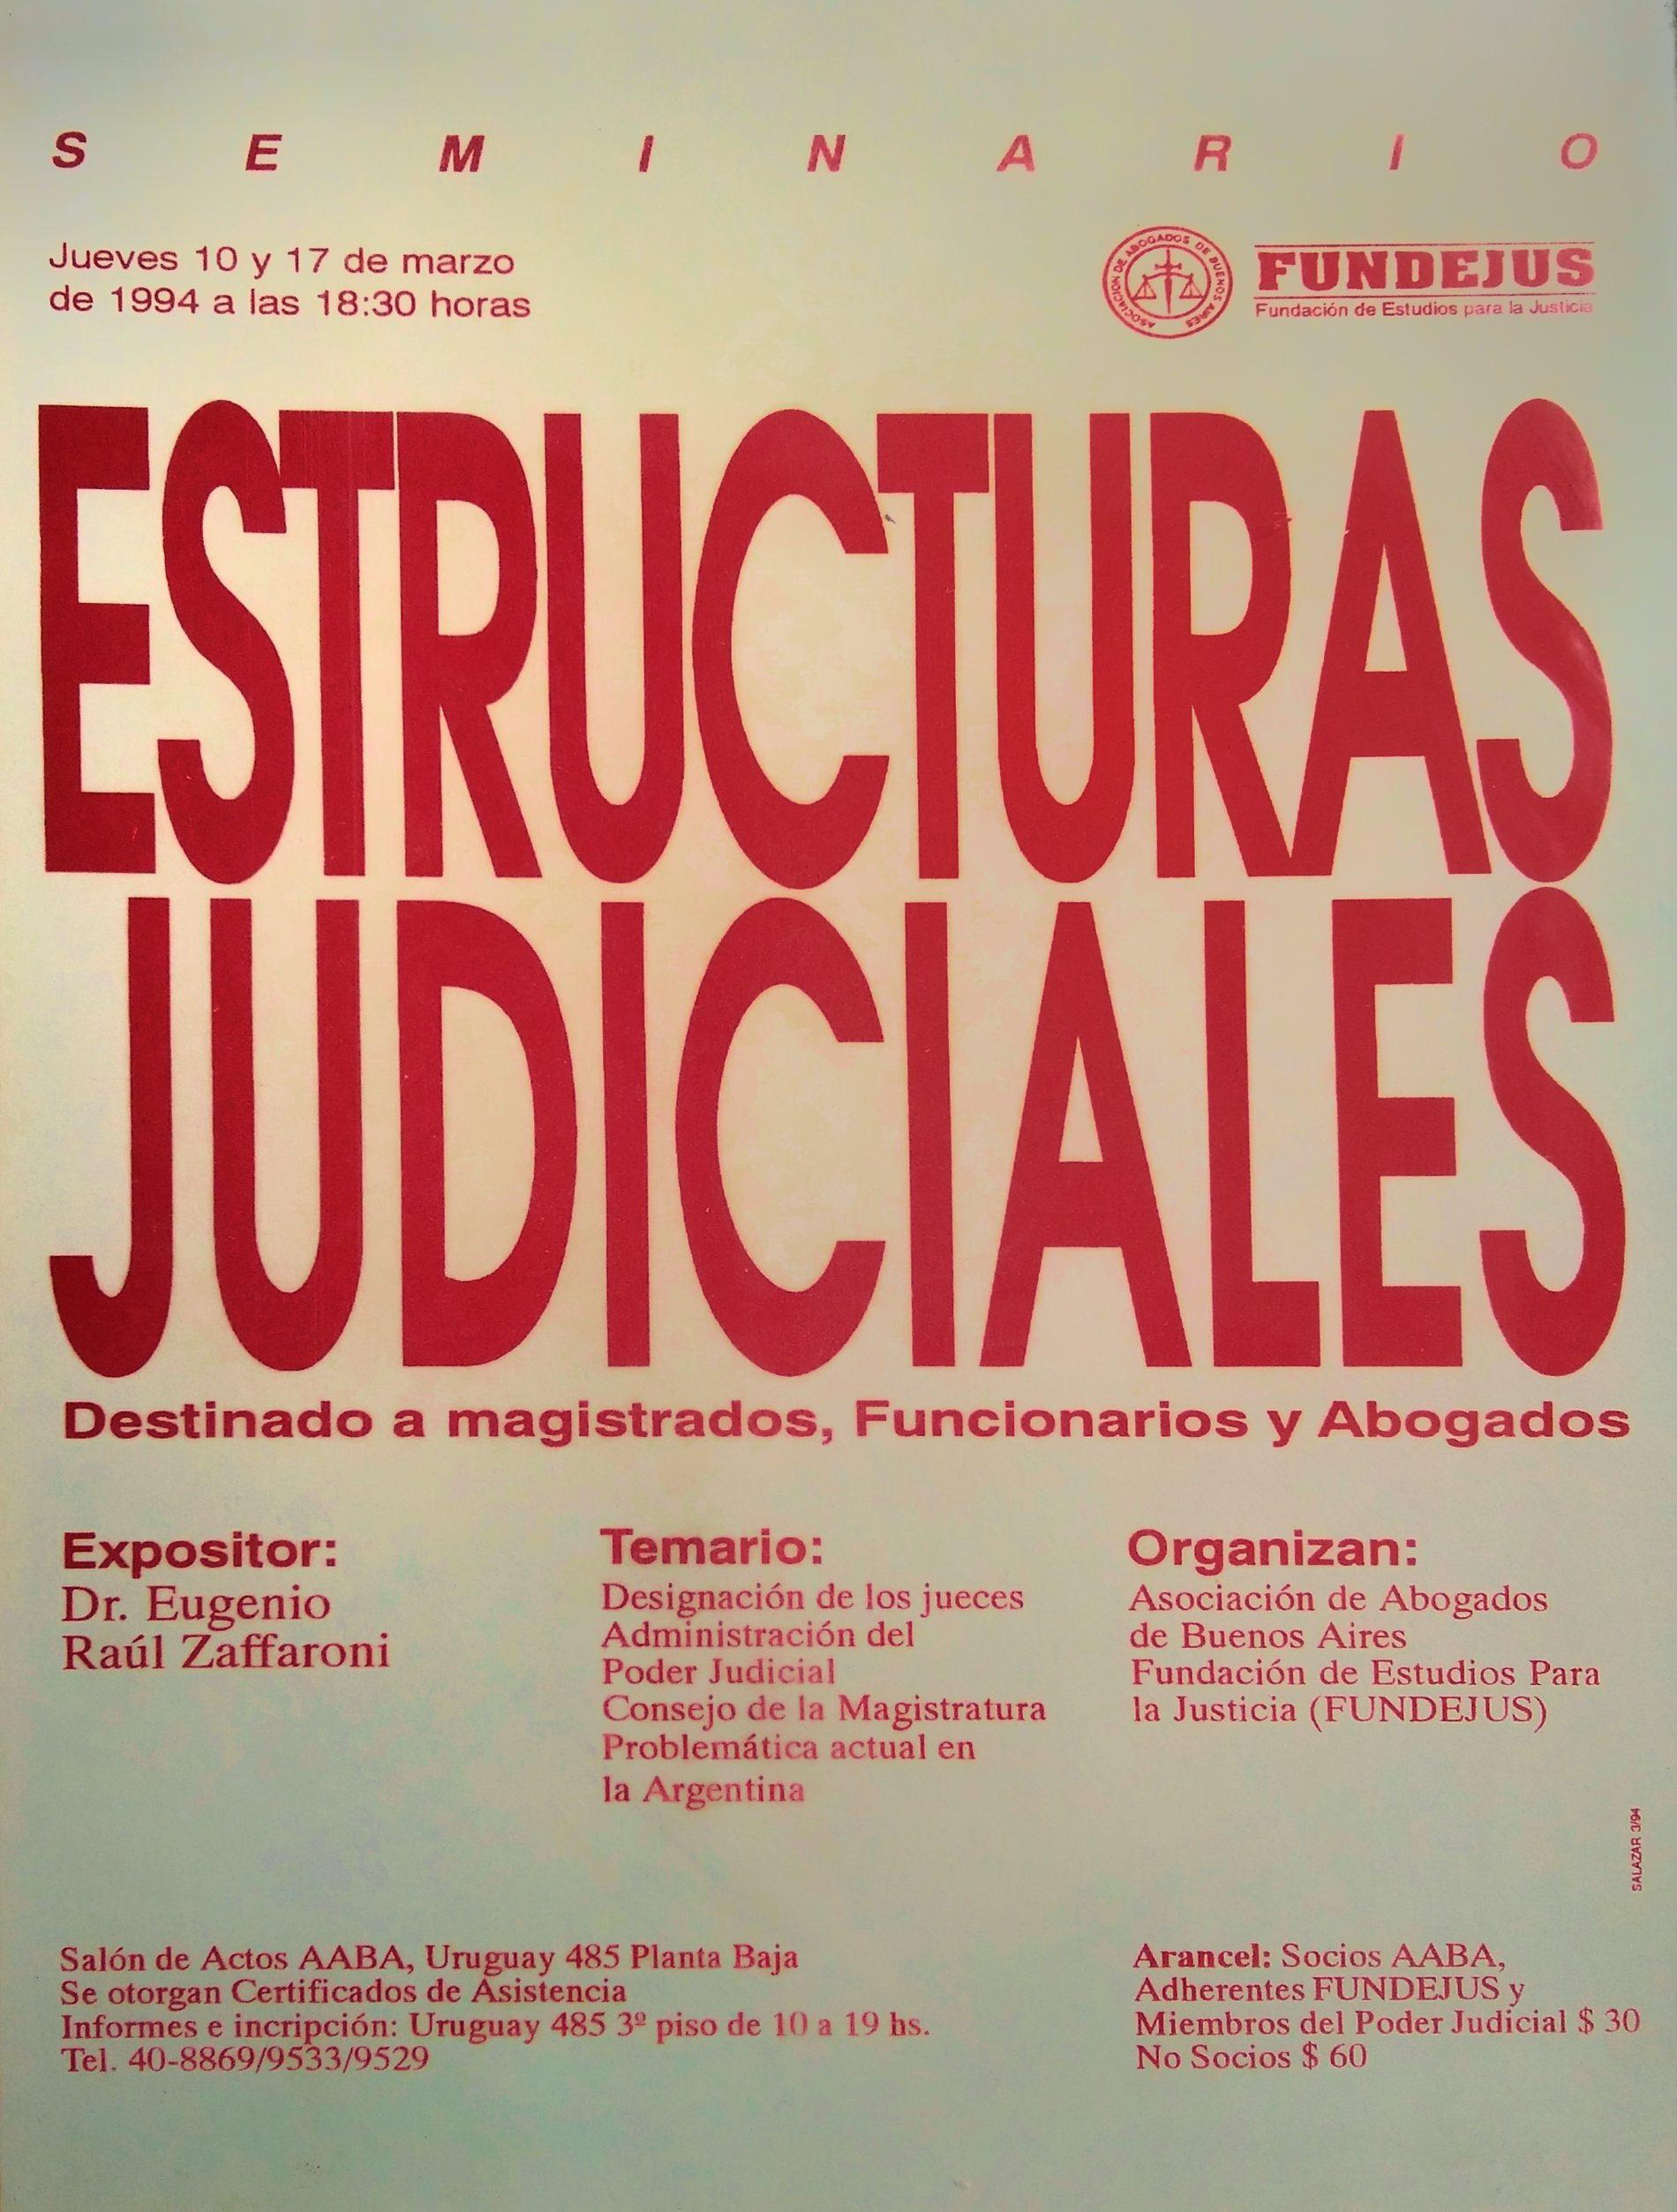 «ESTRUCTURAS JUDICIALES. Destinado a Magistrados, Funcionarios y Abogados»